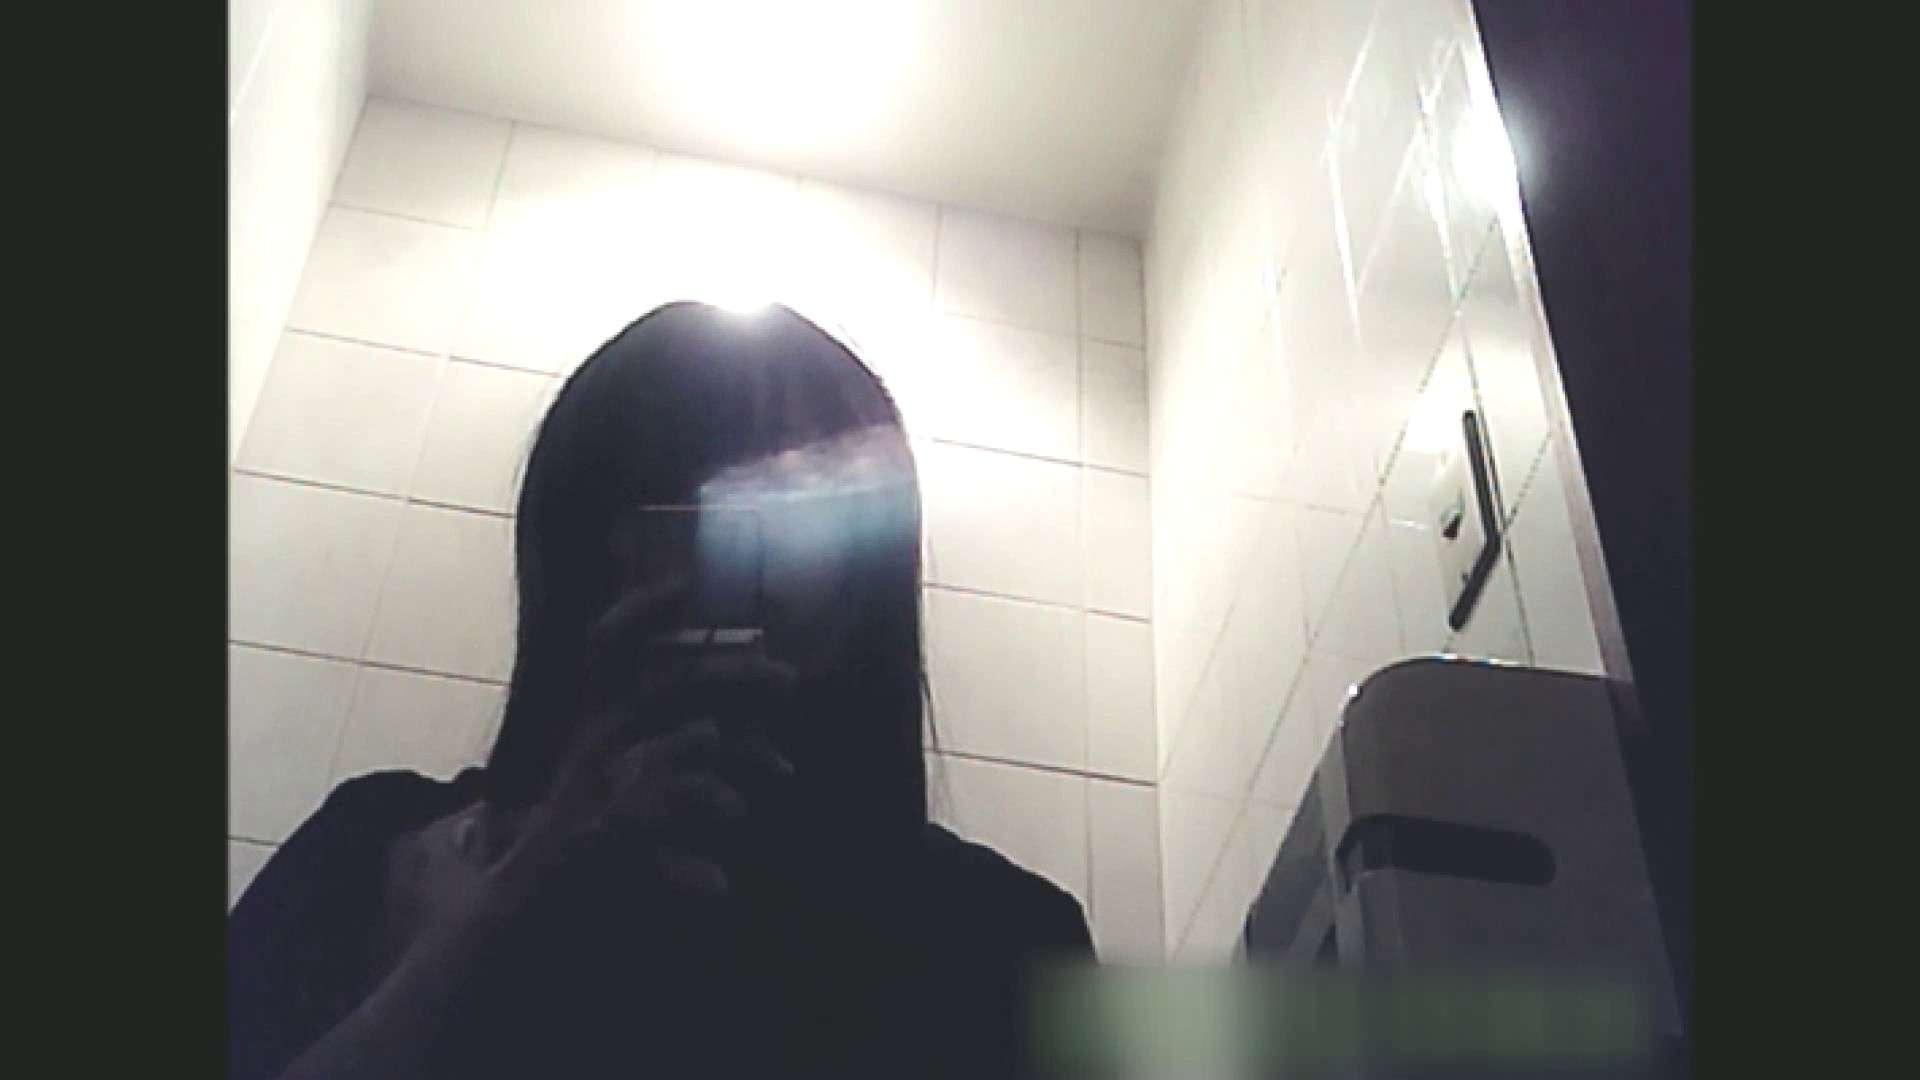 実録!!綺麗なお姉さんのトイレ事情・・・。vol.4 美女エロ画像 のぞき動画画像 39PICs 2